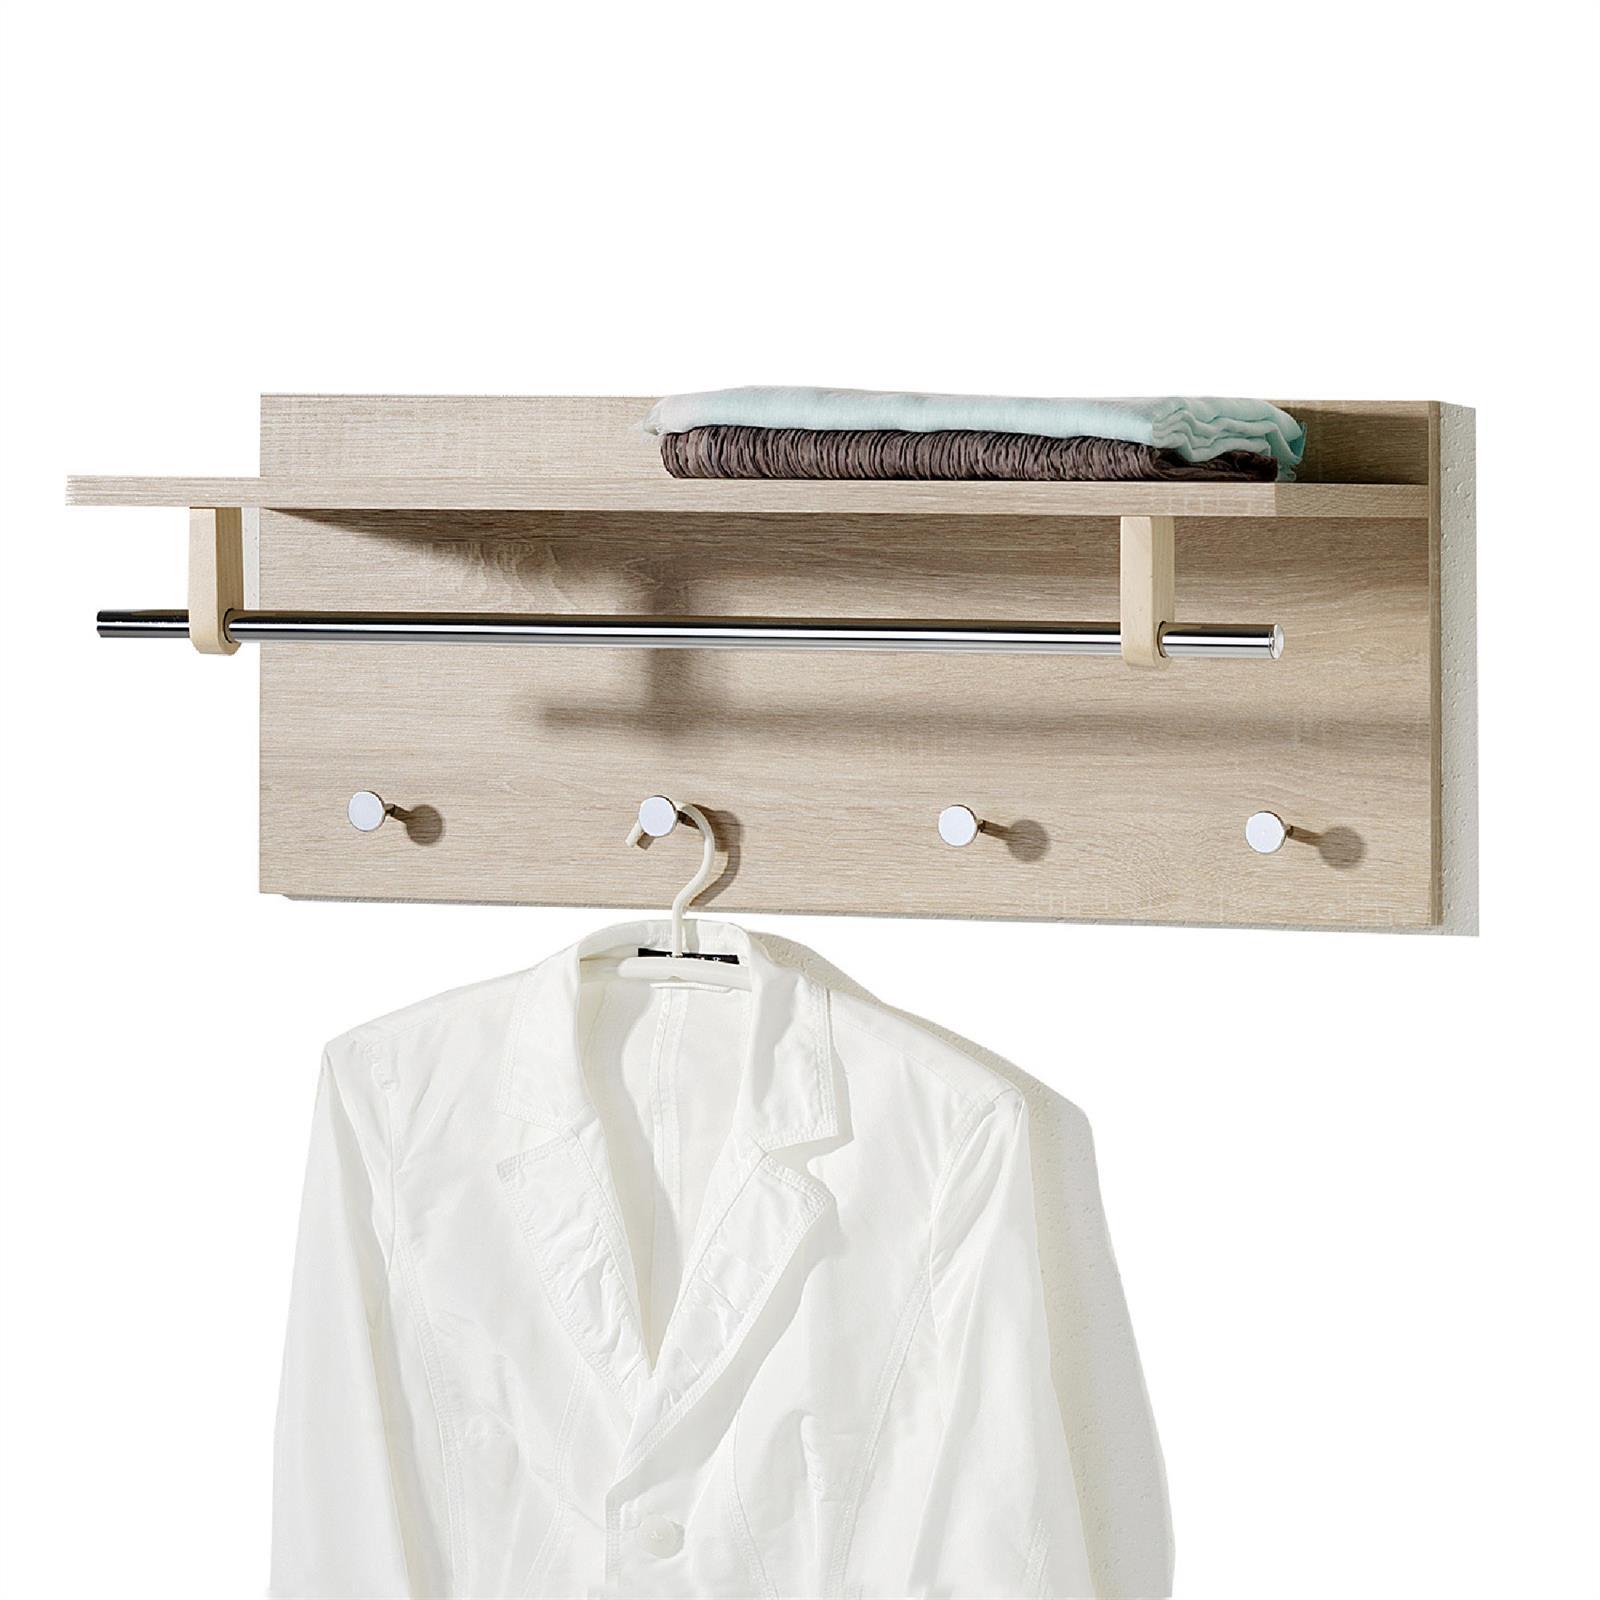 wandgarderobe mit ablage haken kleiderstange flur diele m bel weiss sonoma eiche ebay. Black Bedroom Furniture Sets. Home Design Ideas